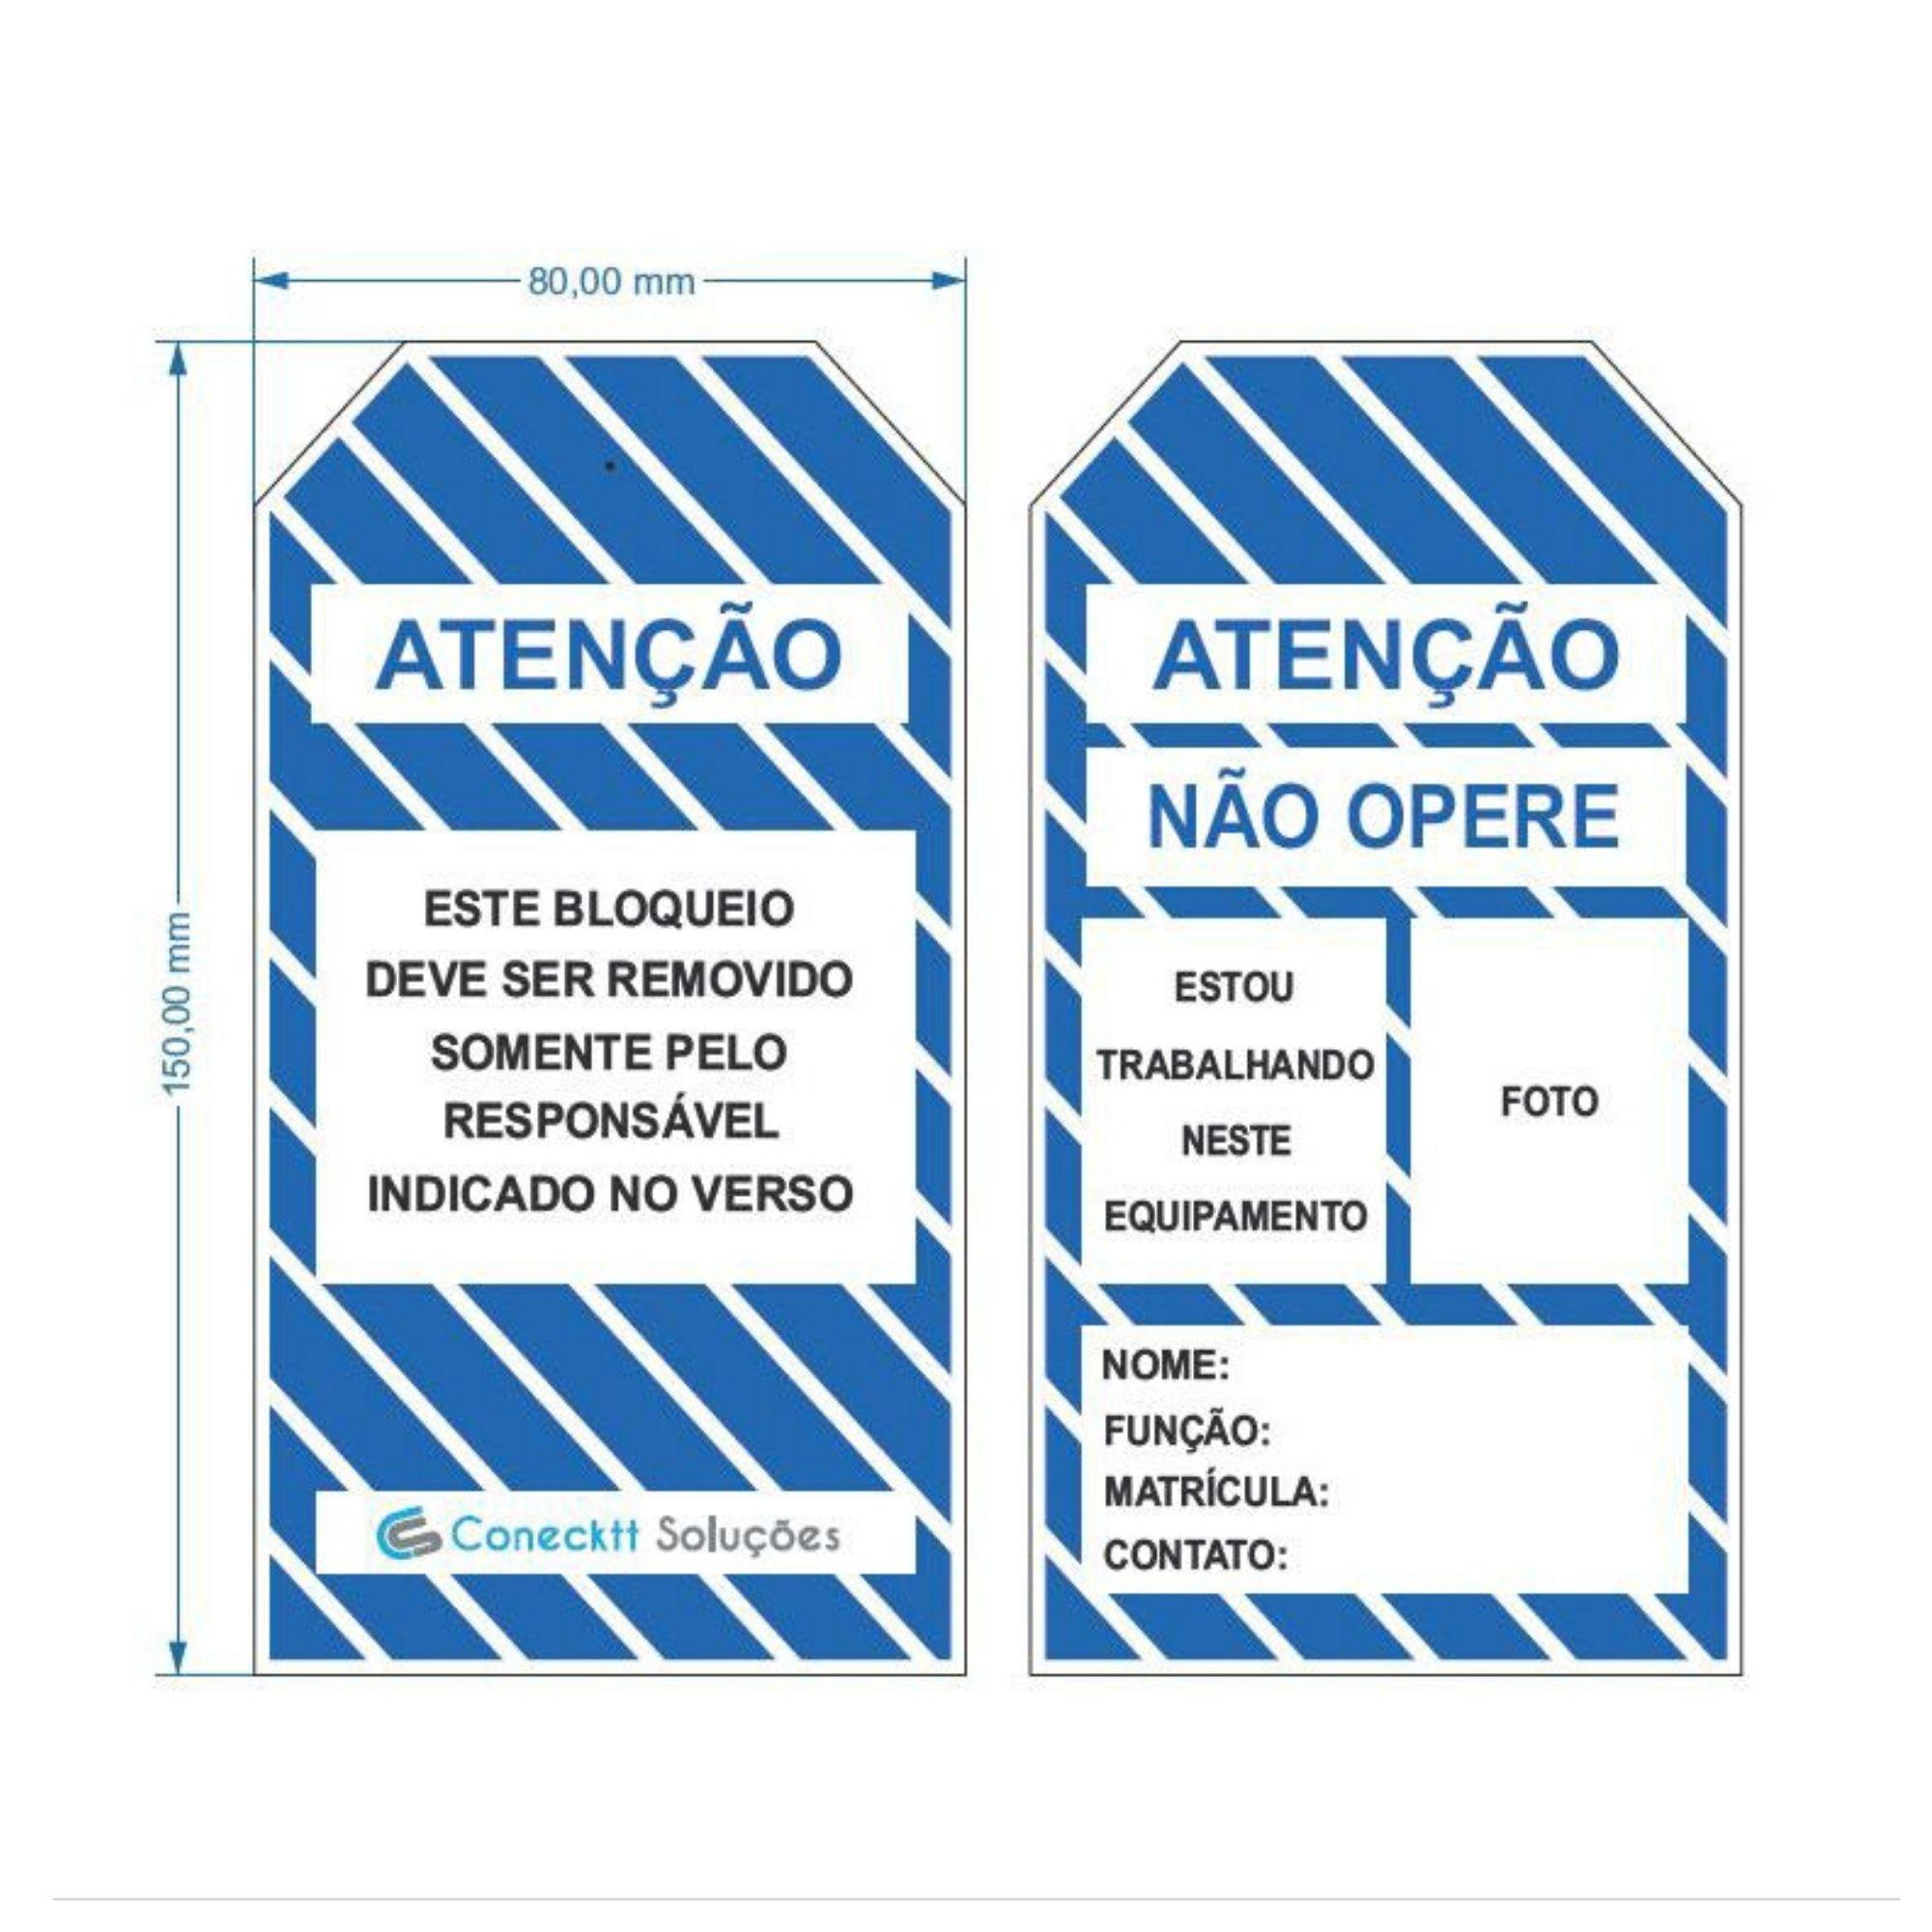 CARTÃO DE IDENTIFICAÇÃO - NÃO OPERE  - DE PAULA EPI